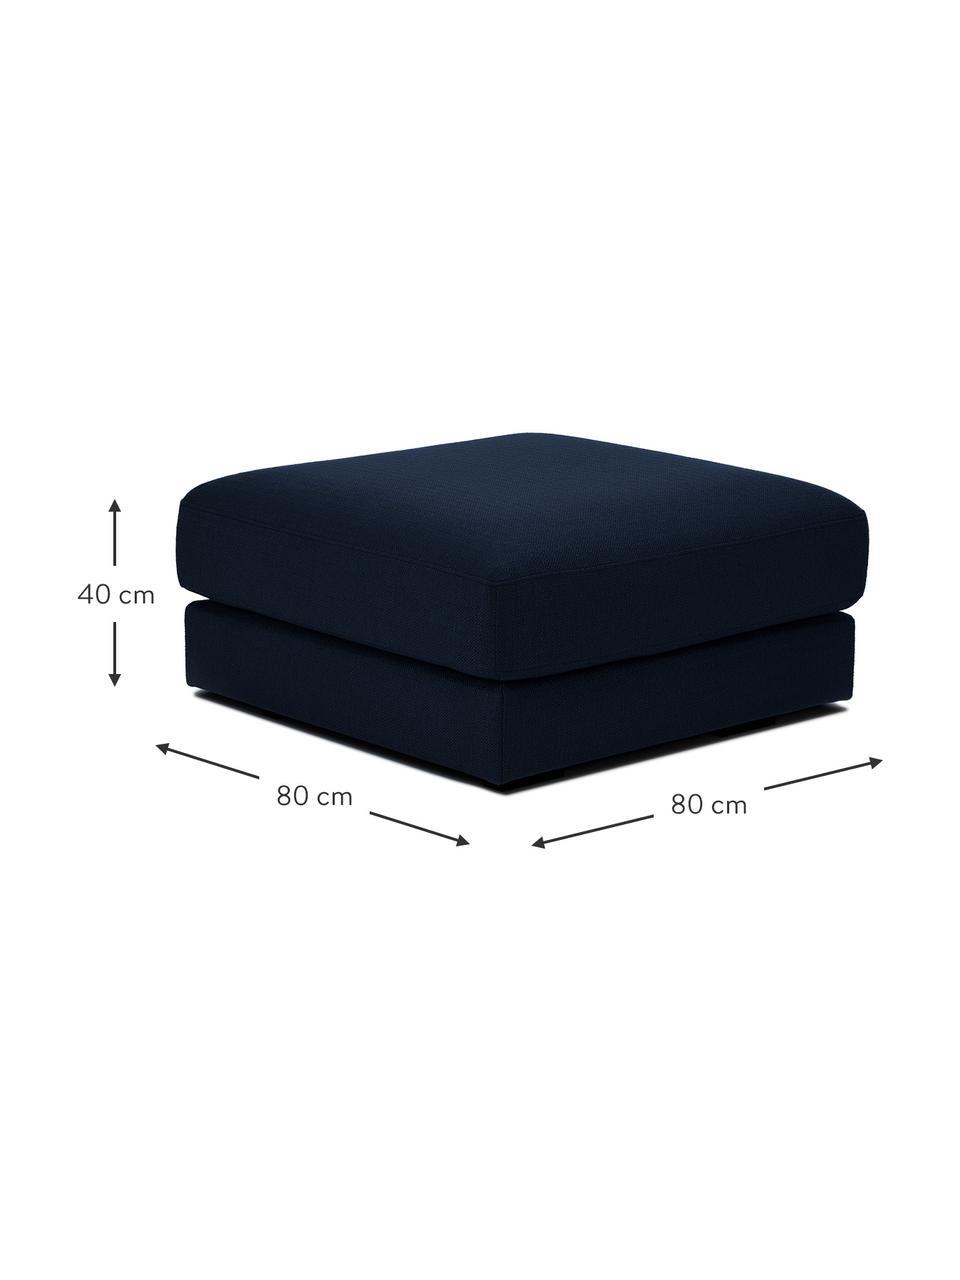 Poggiapiedi da divano in tessuto blu scuro Tribeca, Rivestimento: 100% poliestere Il rivest, Struttura: legno massiccio di faggio, Piedini: legno massiccio di faggio, Tessuto blu scuro, Larg. 80 x Alt. 40 cm